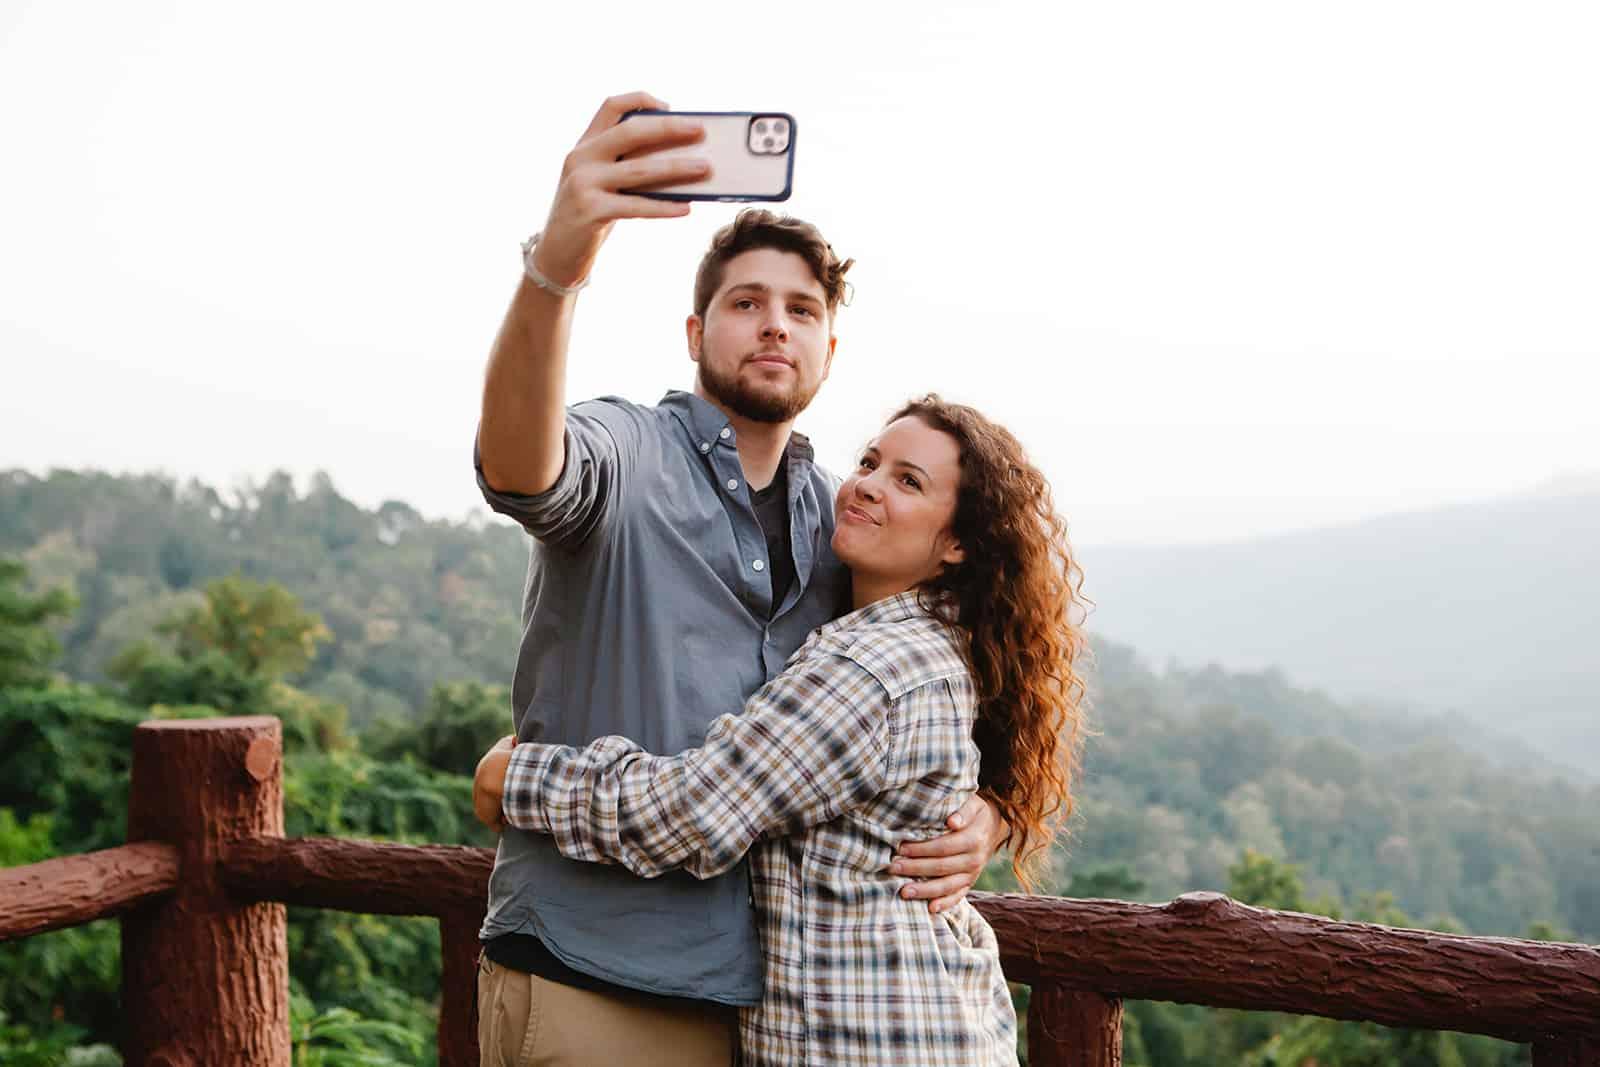 un couple prenant un selfie avec smartphone en se tenant debout sur la terrasse